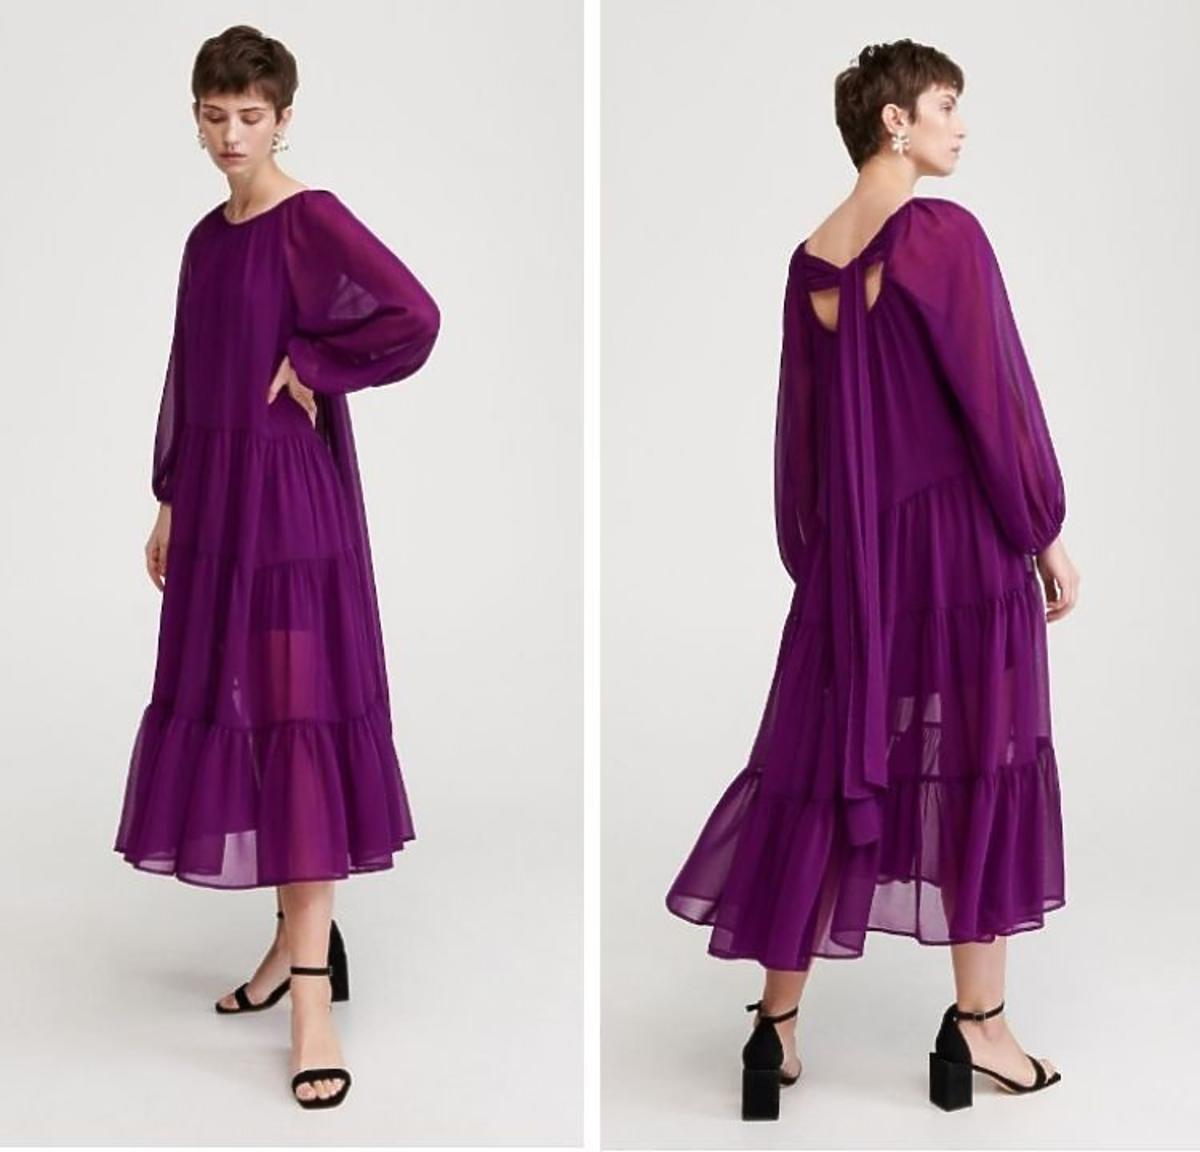 Fioletowa sukienka z Reserved